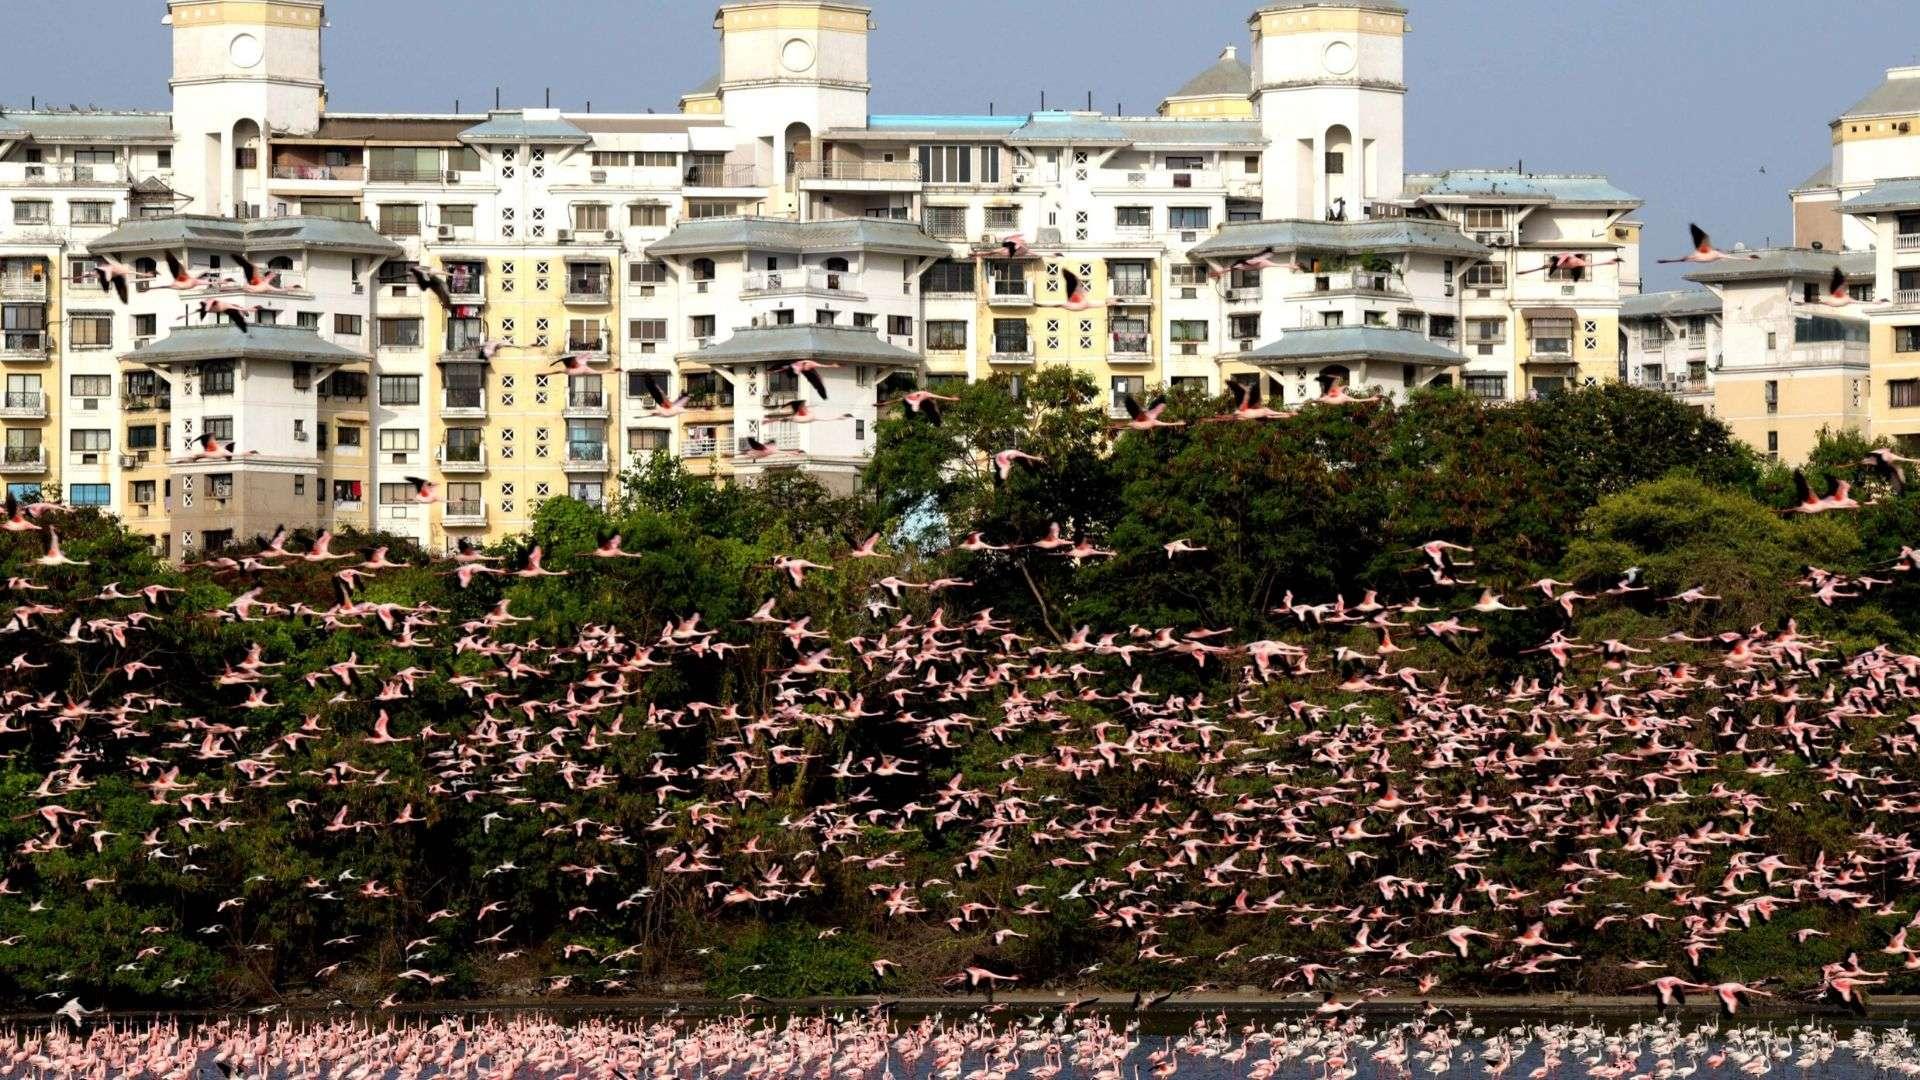 Des milliers de flamants roses ont investi les zones humides aux abords de Nerul, en Inde. © Zhan Gao, Twitter